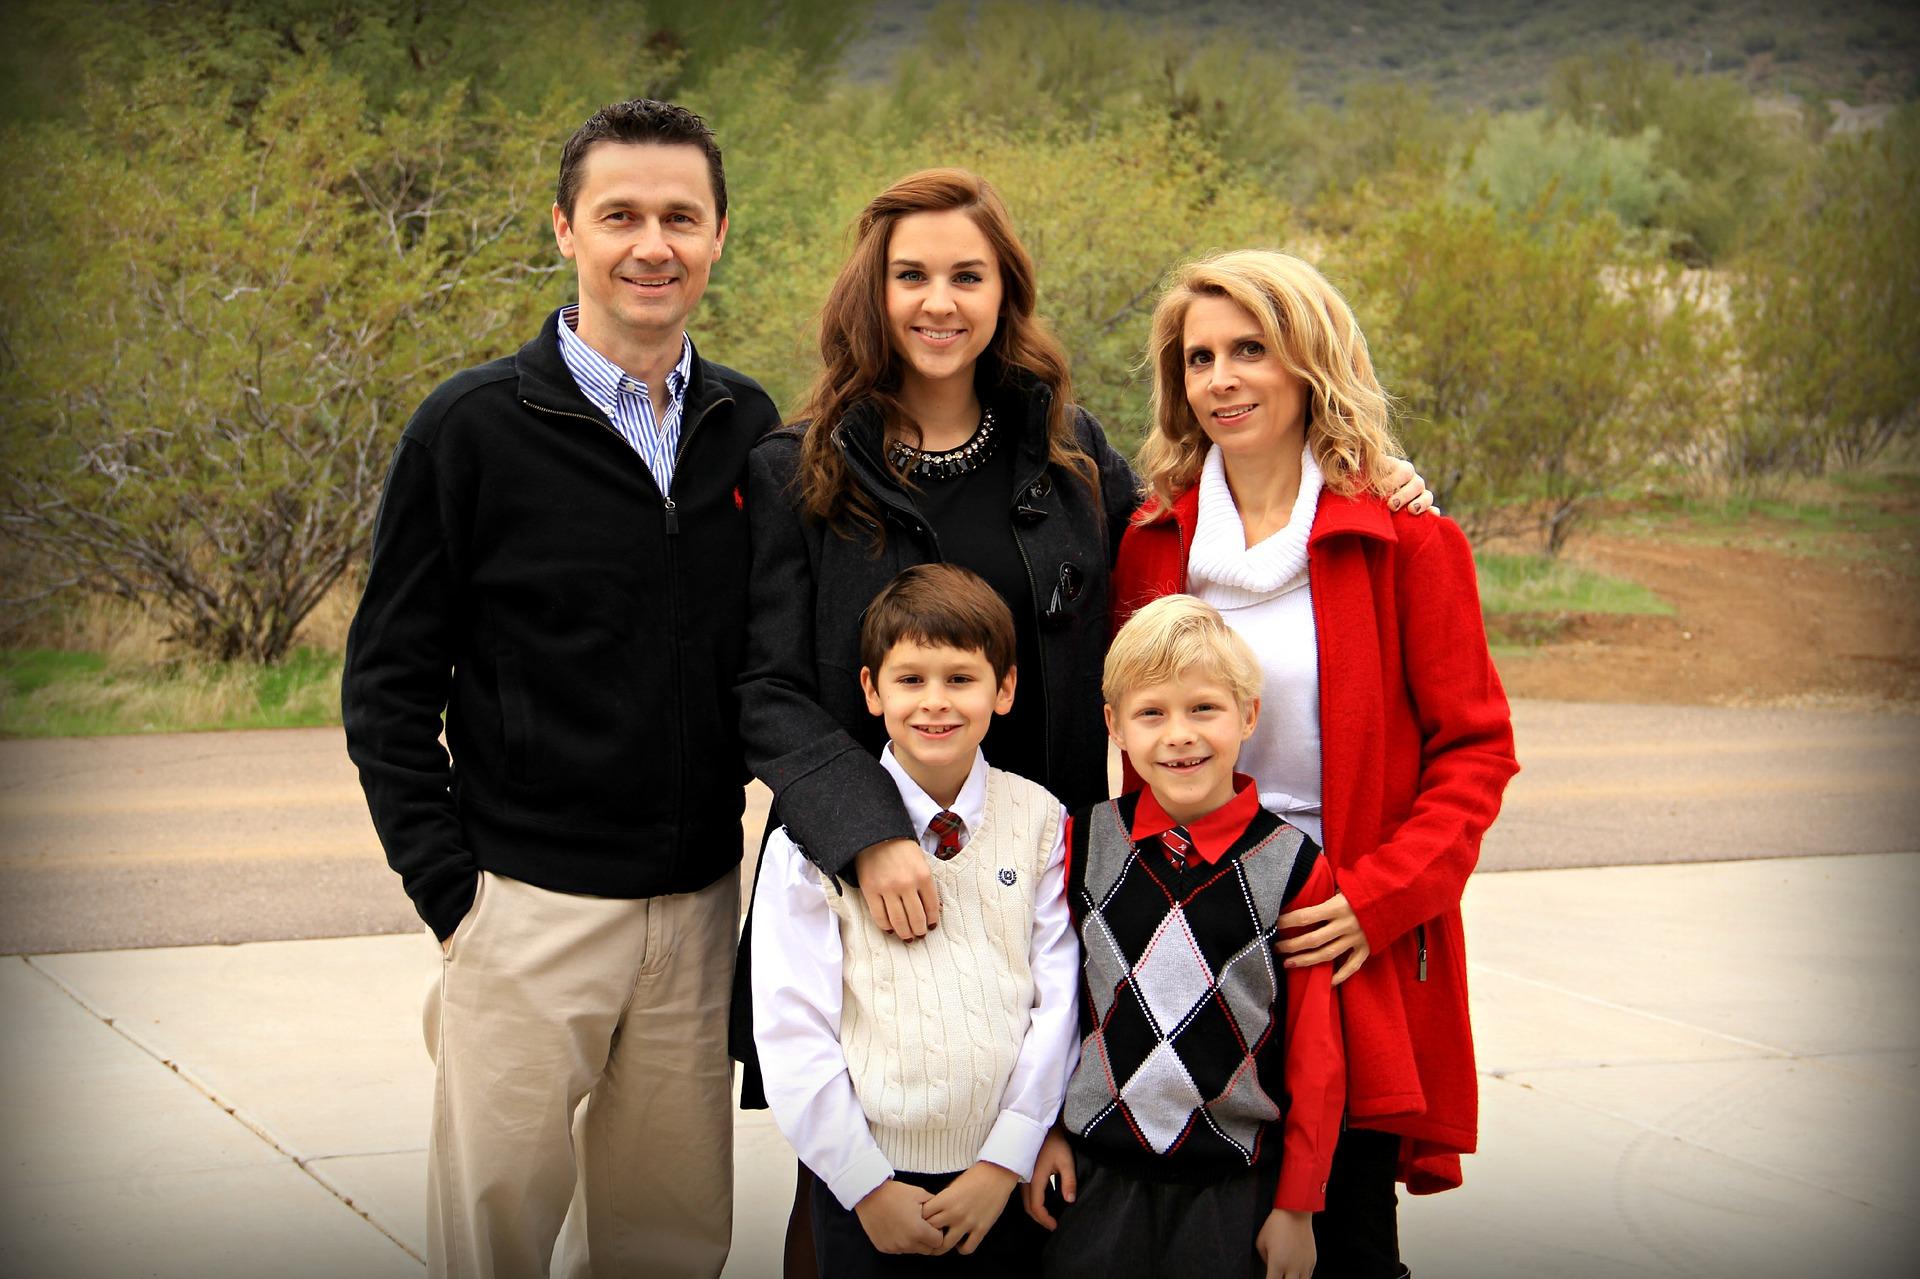 Pequeños consejos para alcanzar el éxito en familia